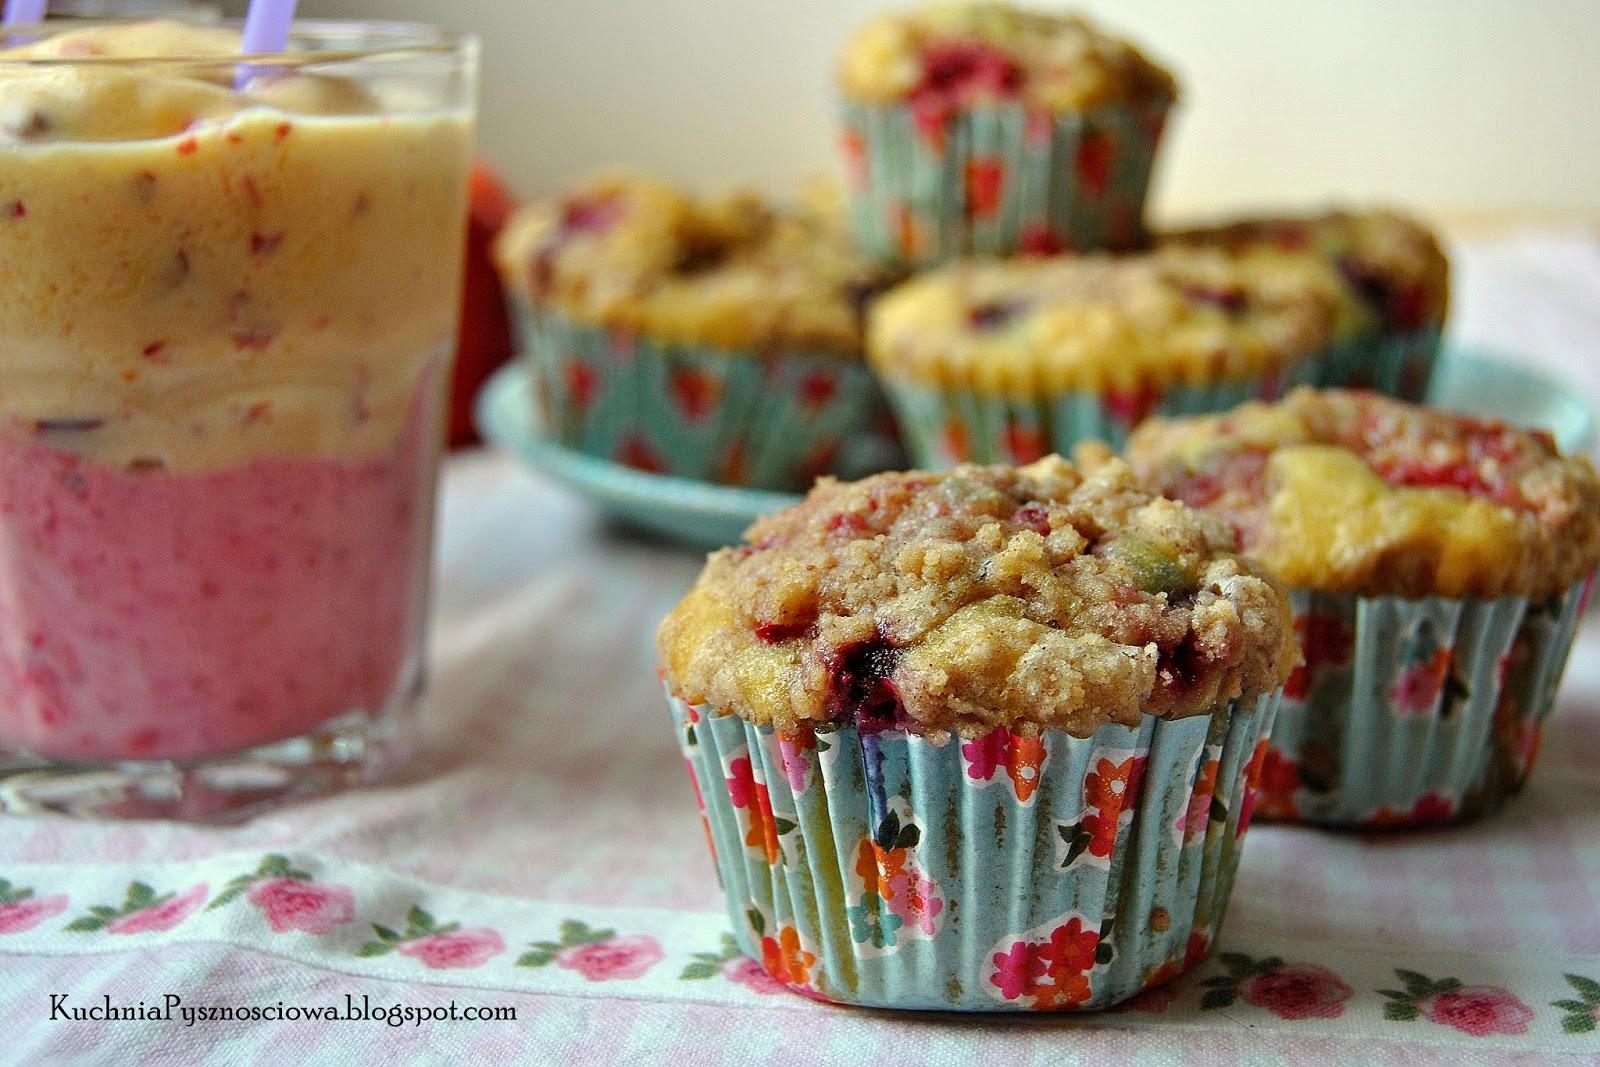 253. Muffiny z malinami, borówkami i kruszonką jako posiłek dodający sił na Runmageddonie